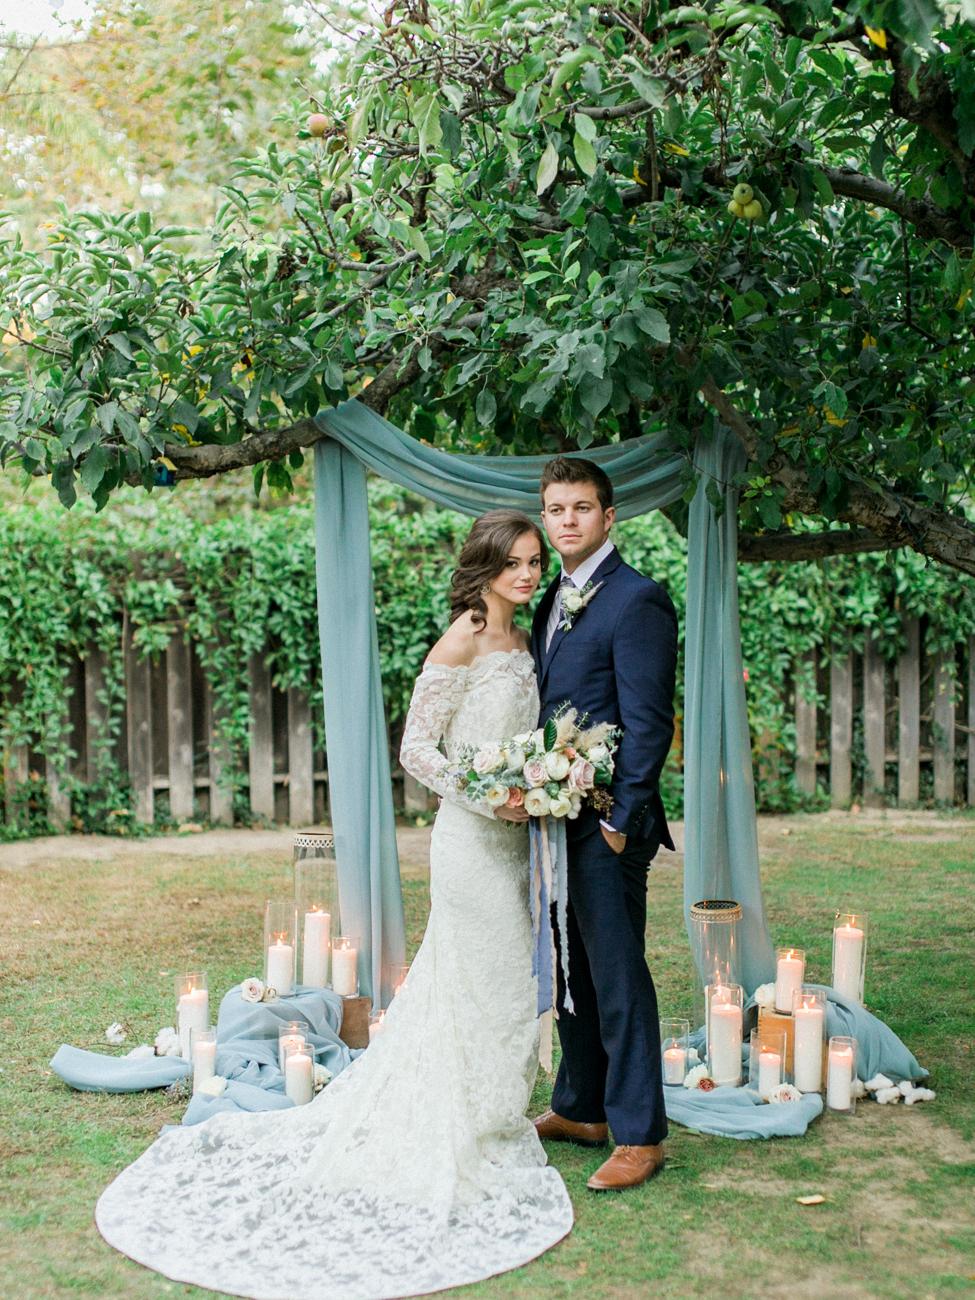 DennisRoyCoronel__RanchoLasLomas_Wedding-111.jpg